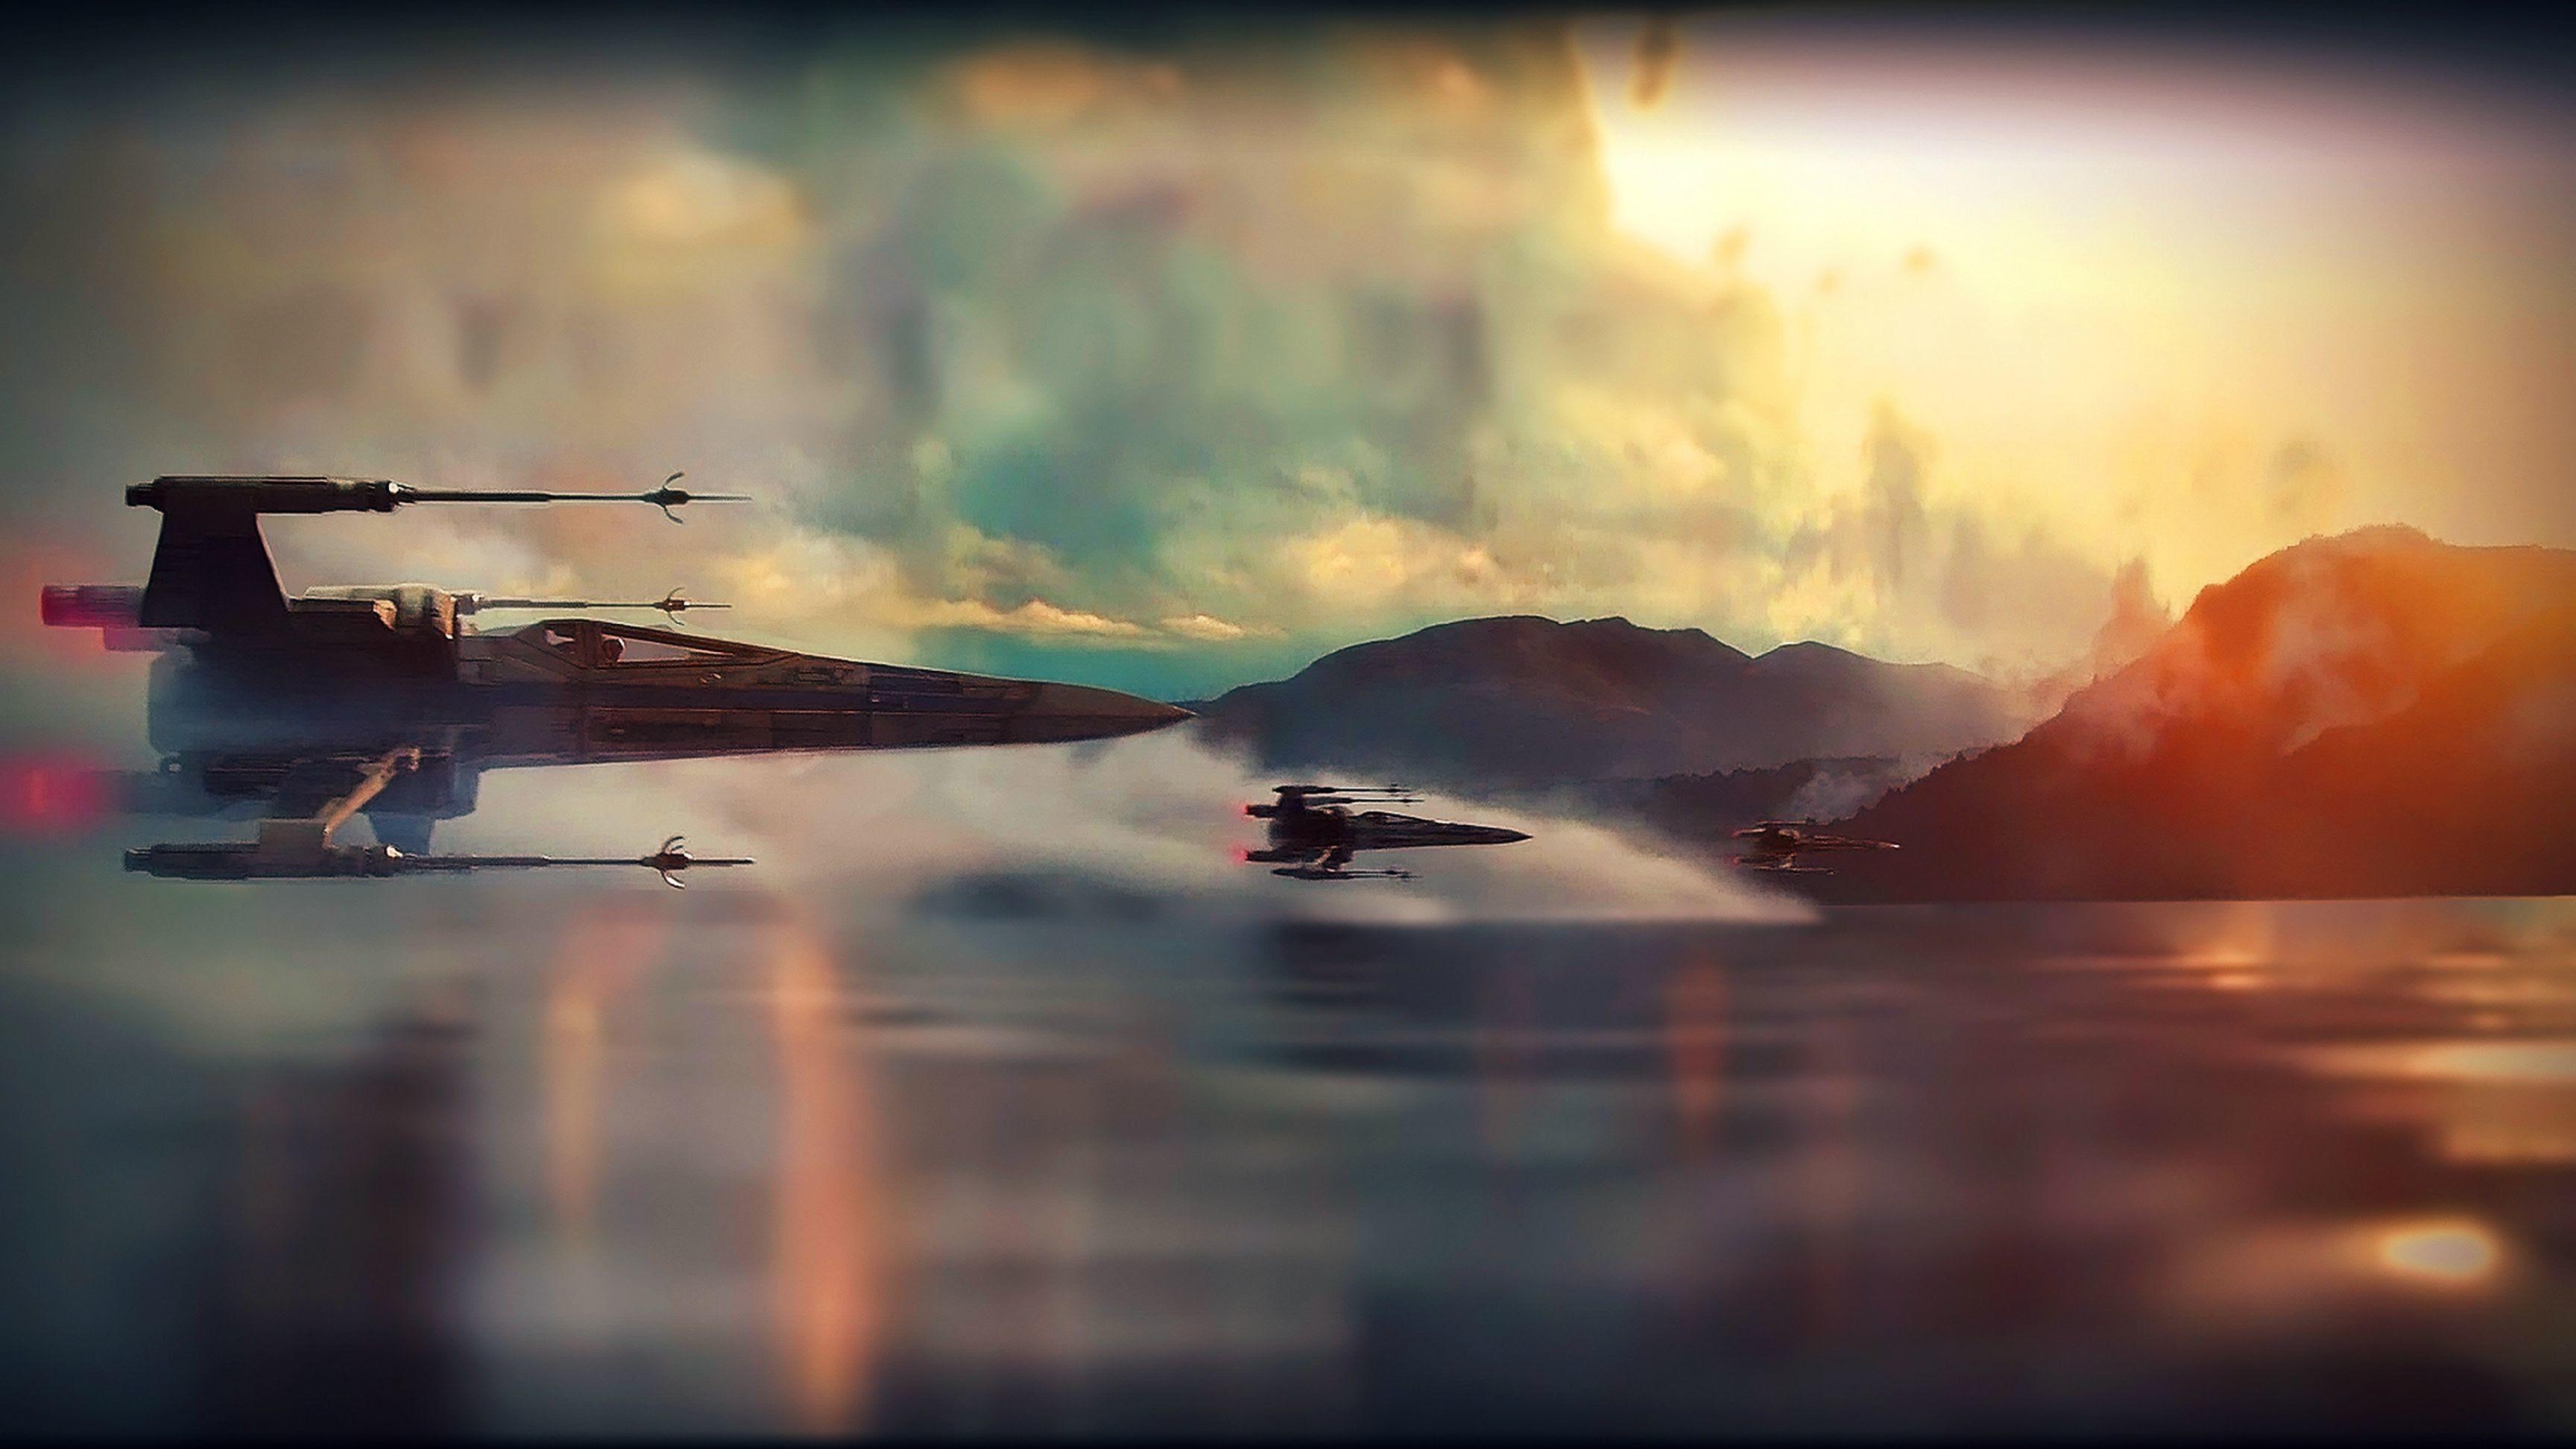 Star Wars Tablet Wallpaper 57 Images